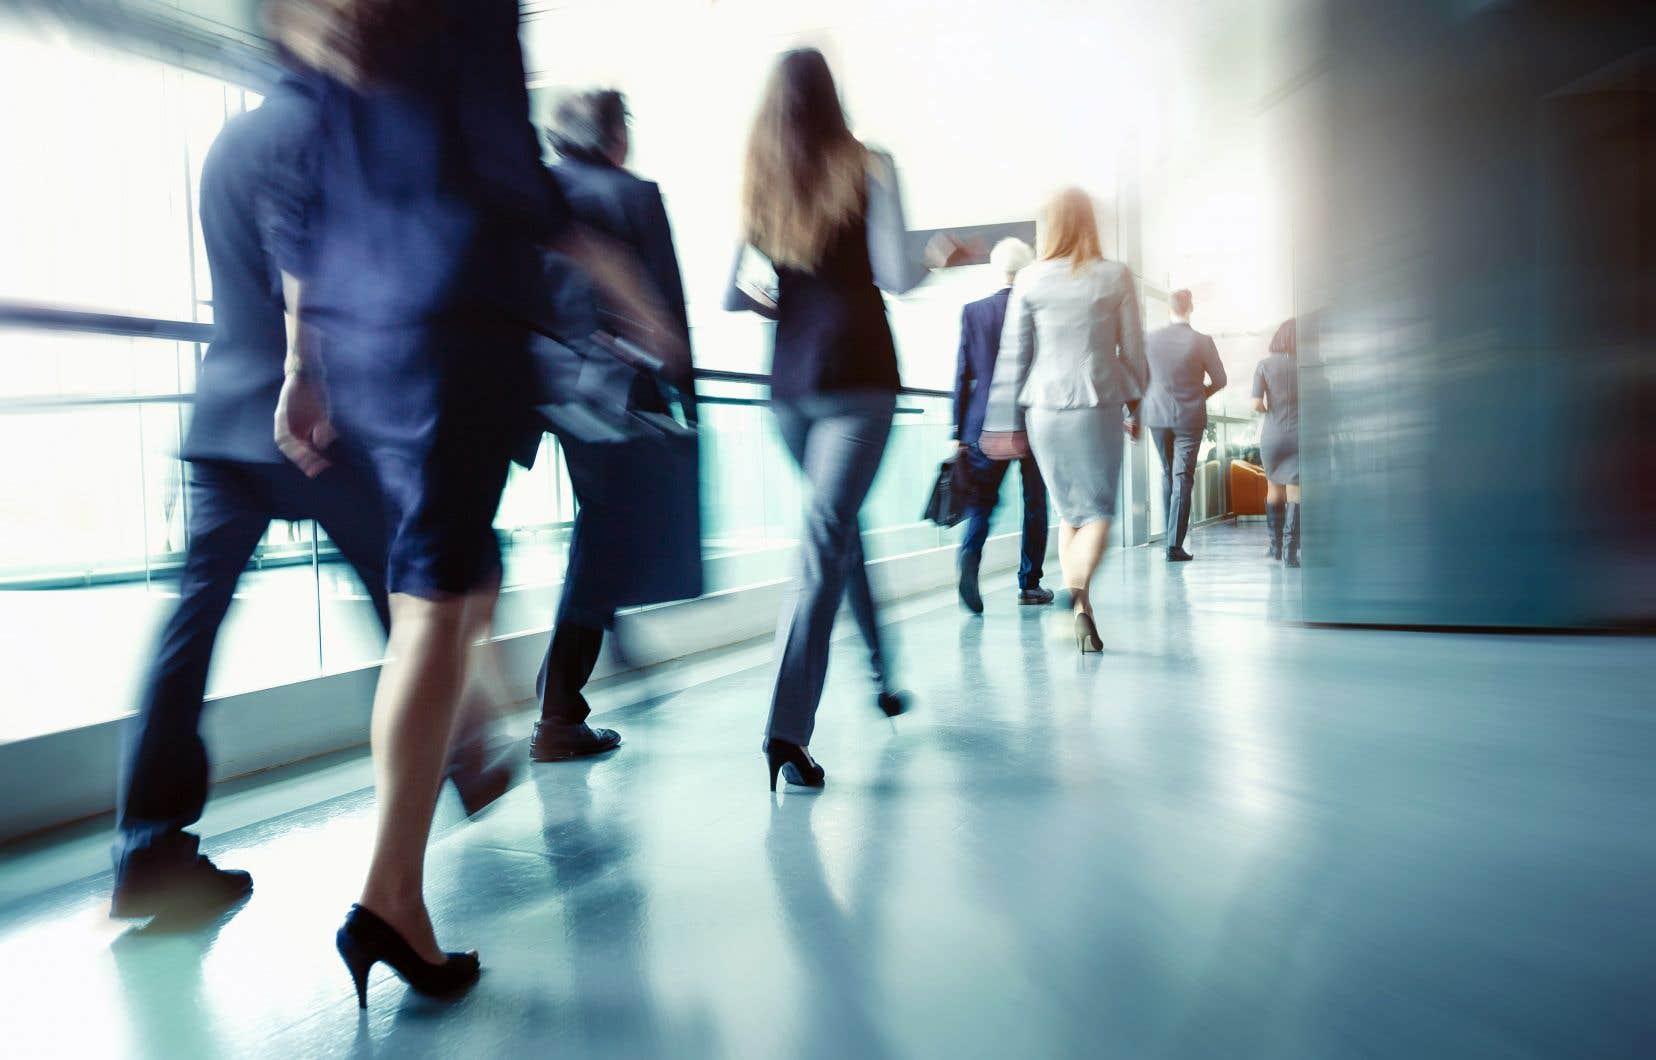 Le pourcentage total des postes d'administrateurs occupés par des femmes est passé de 11 % la première année de bilan desautorités en valeurs mobilièresà 14 %.